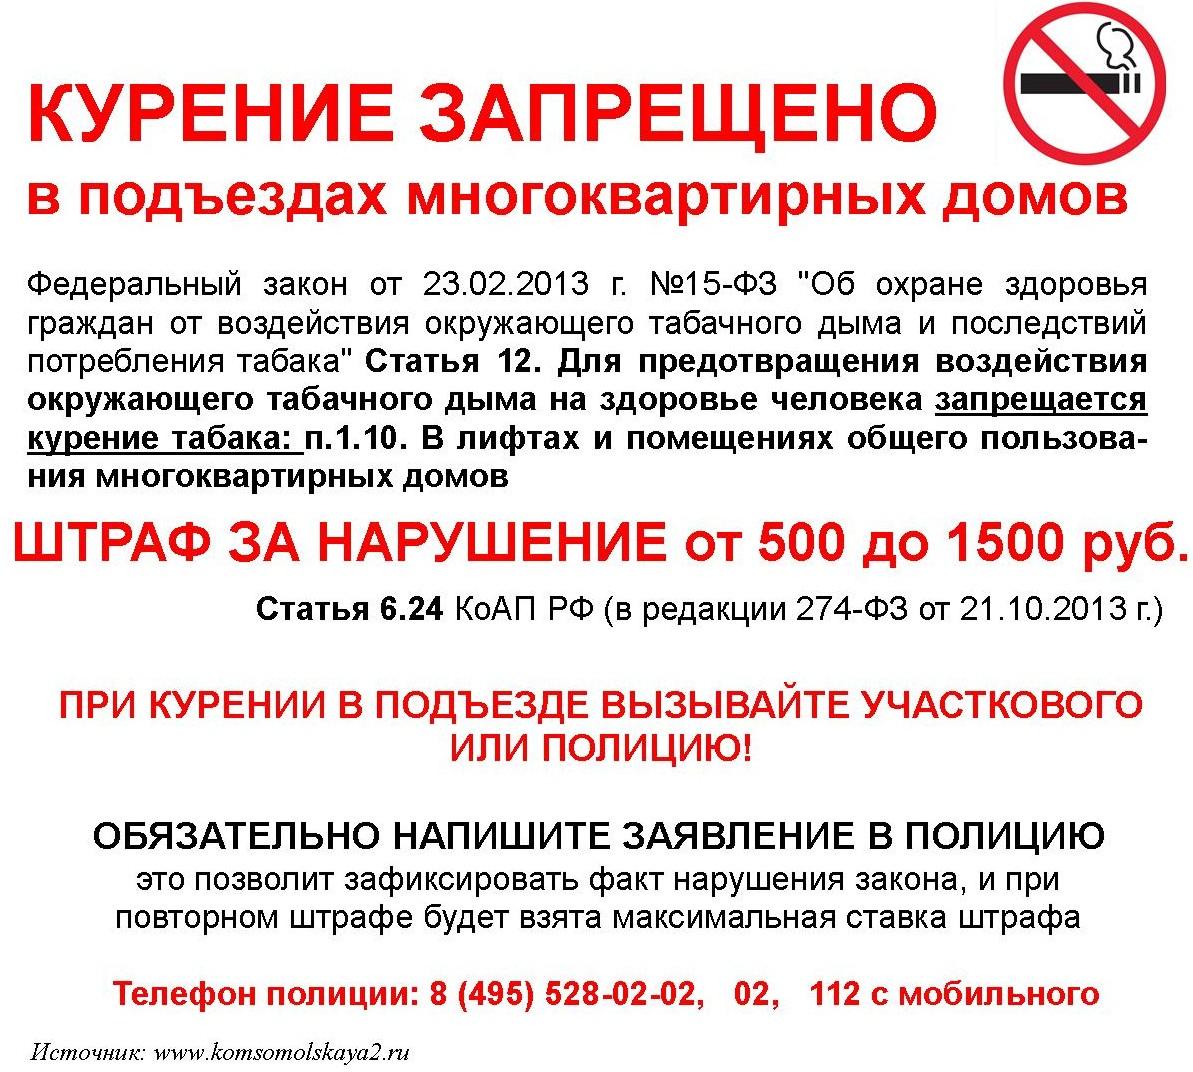 kurenie-v-podezde-chto-nuzhno-znat-kurilshhikam-i-zhilczam-2